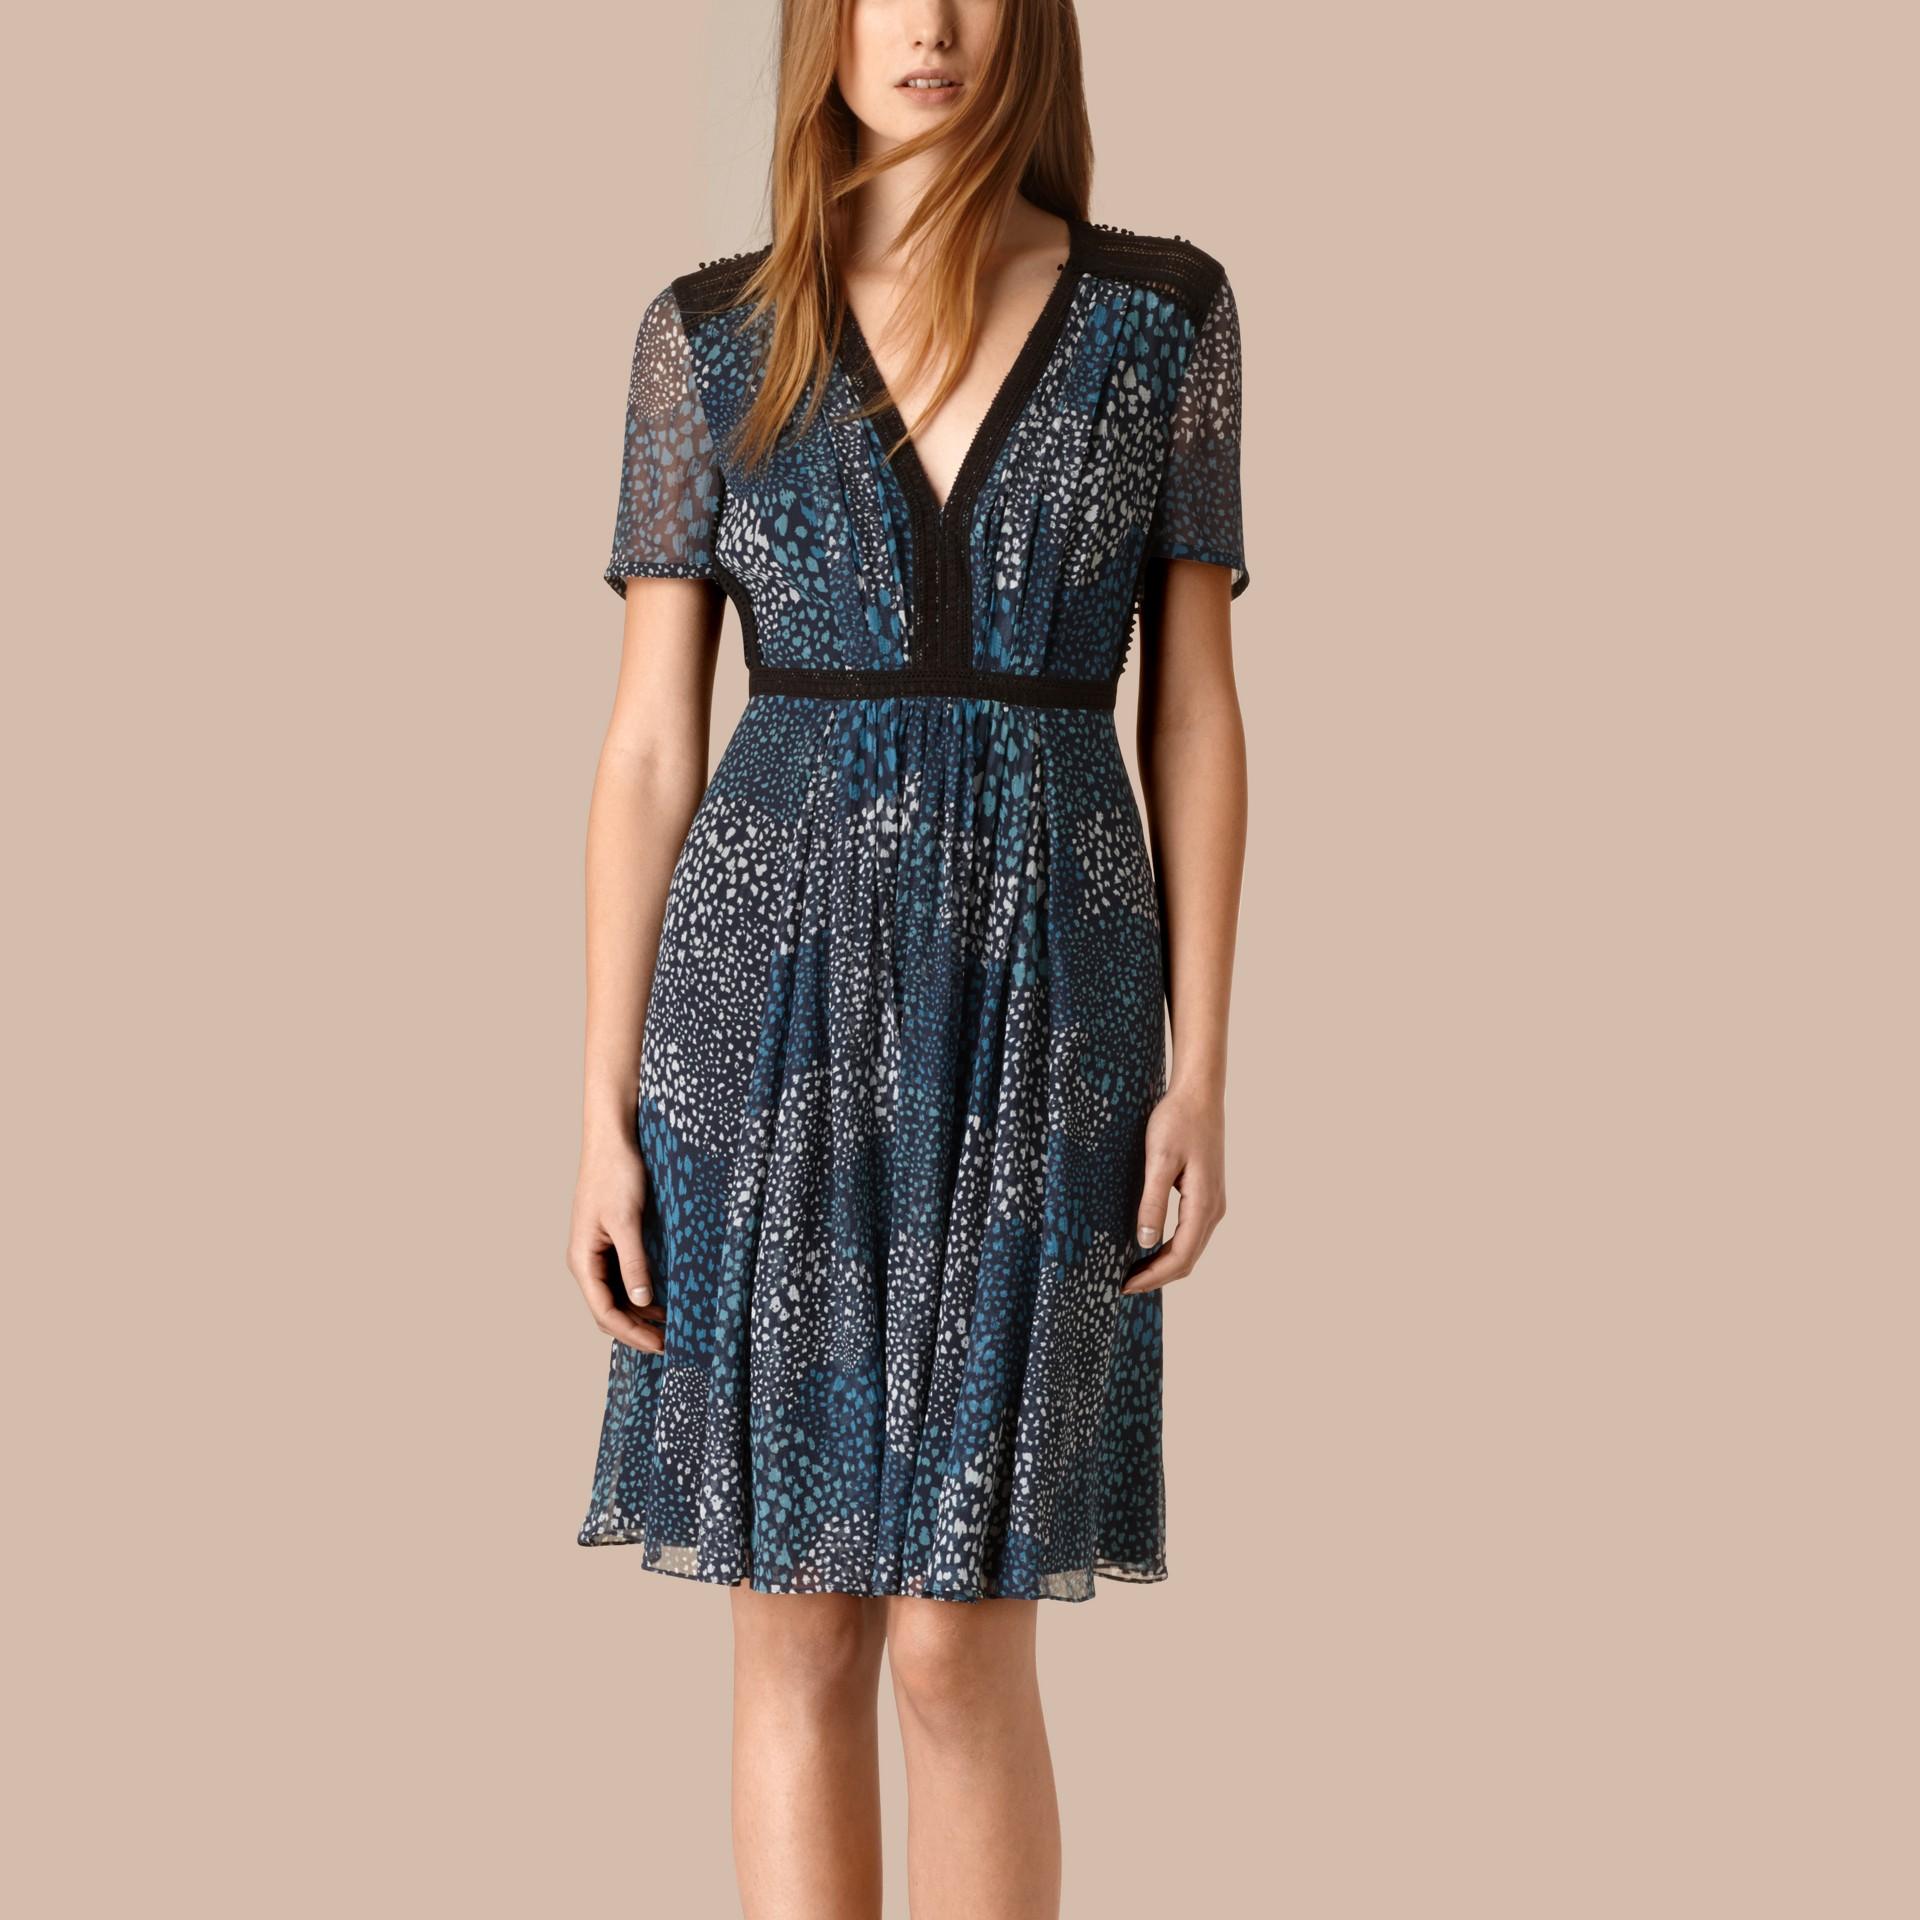 Azul nanquim Vestido de crepe de seda com detalhe de pompons - galeria de imagens 1